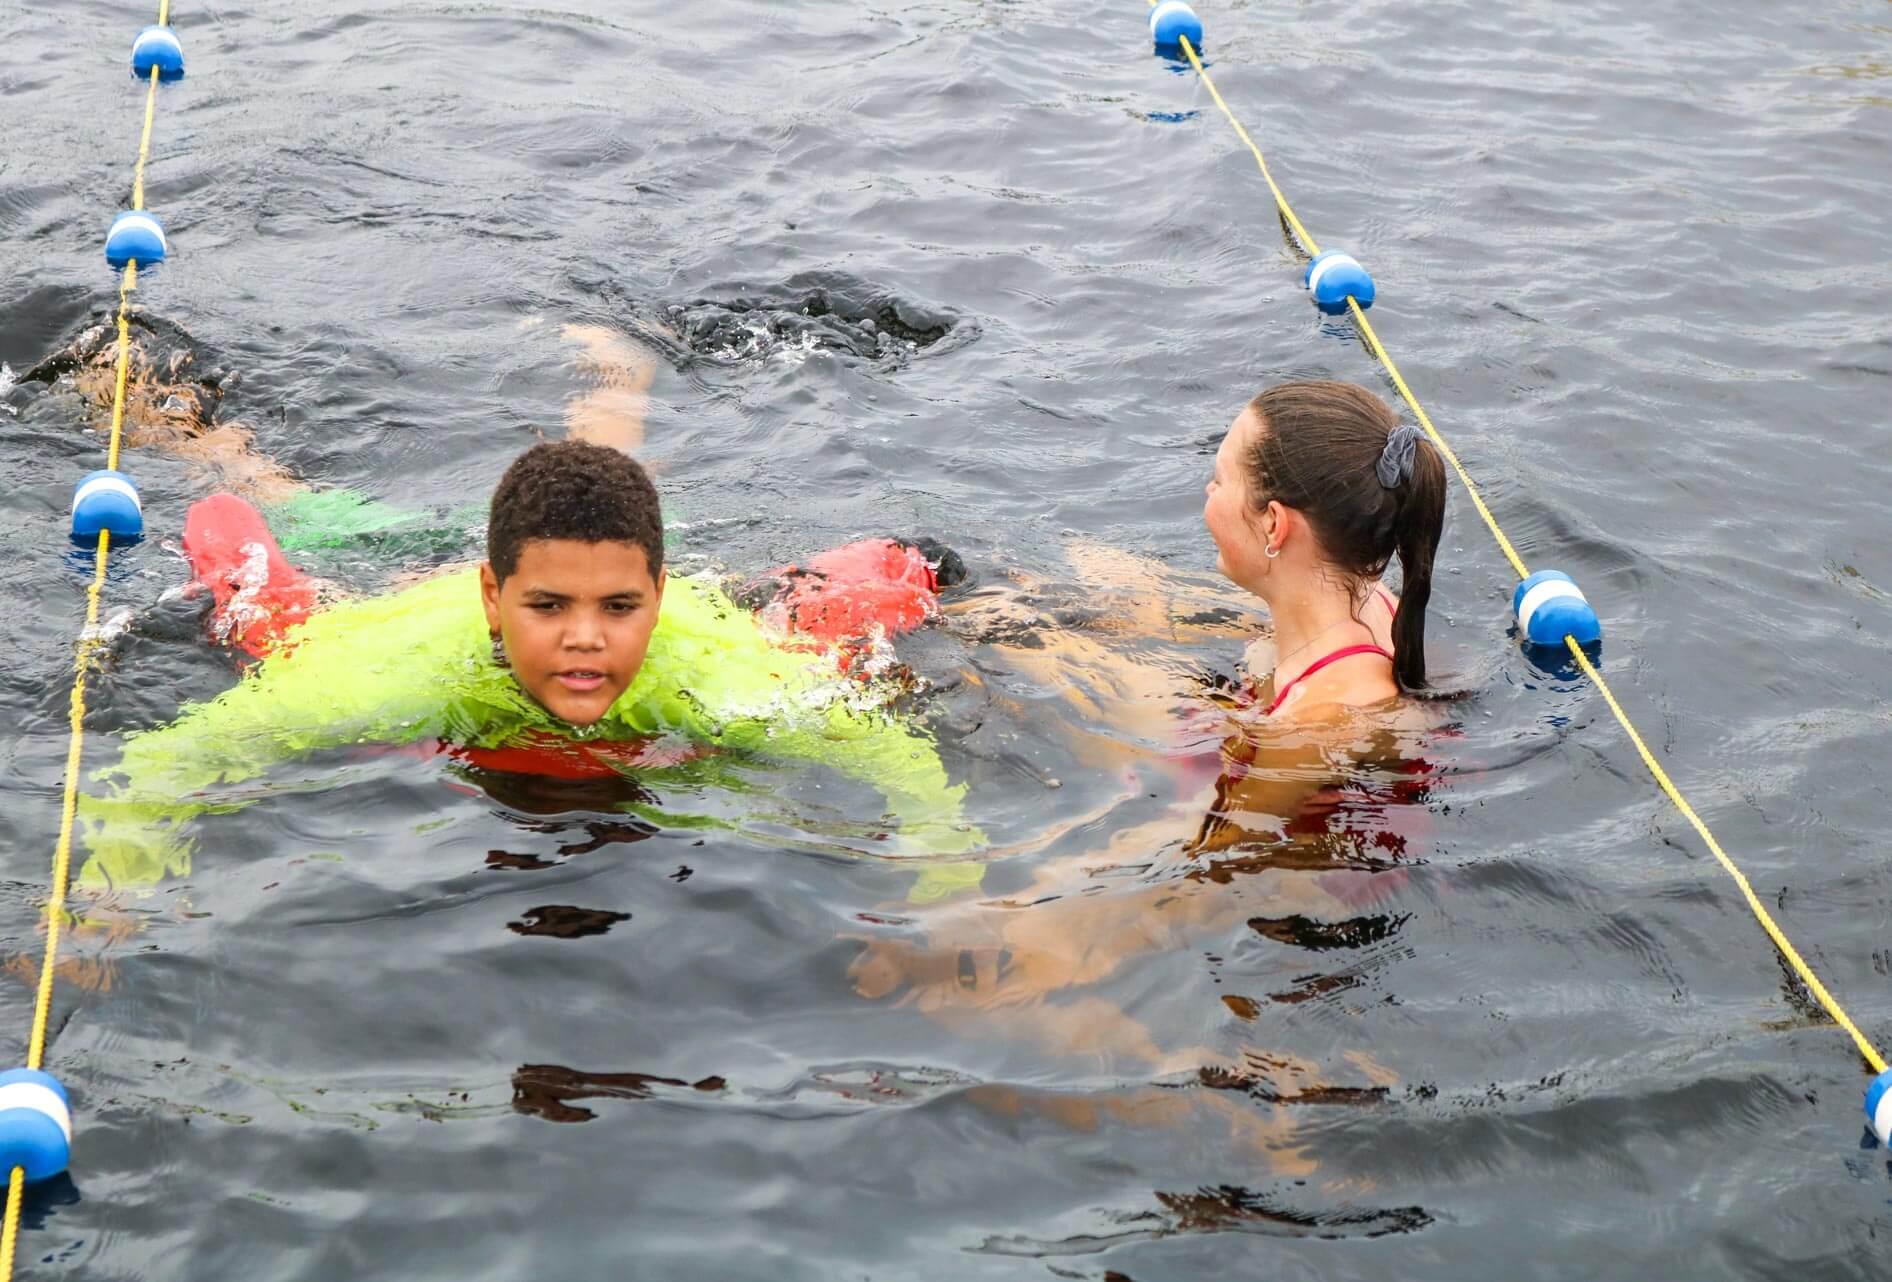 Camper uses noodle during swim instruction